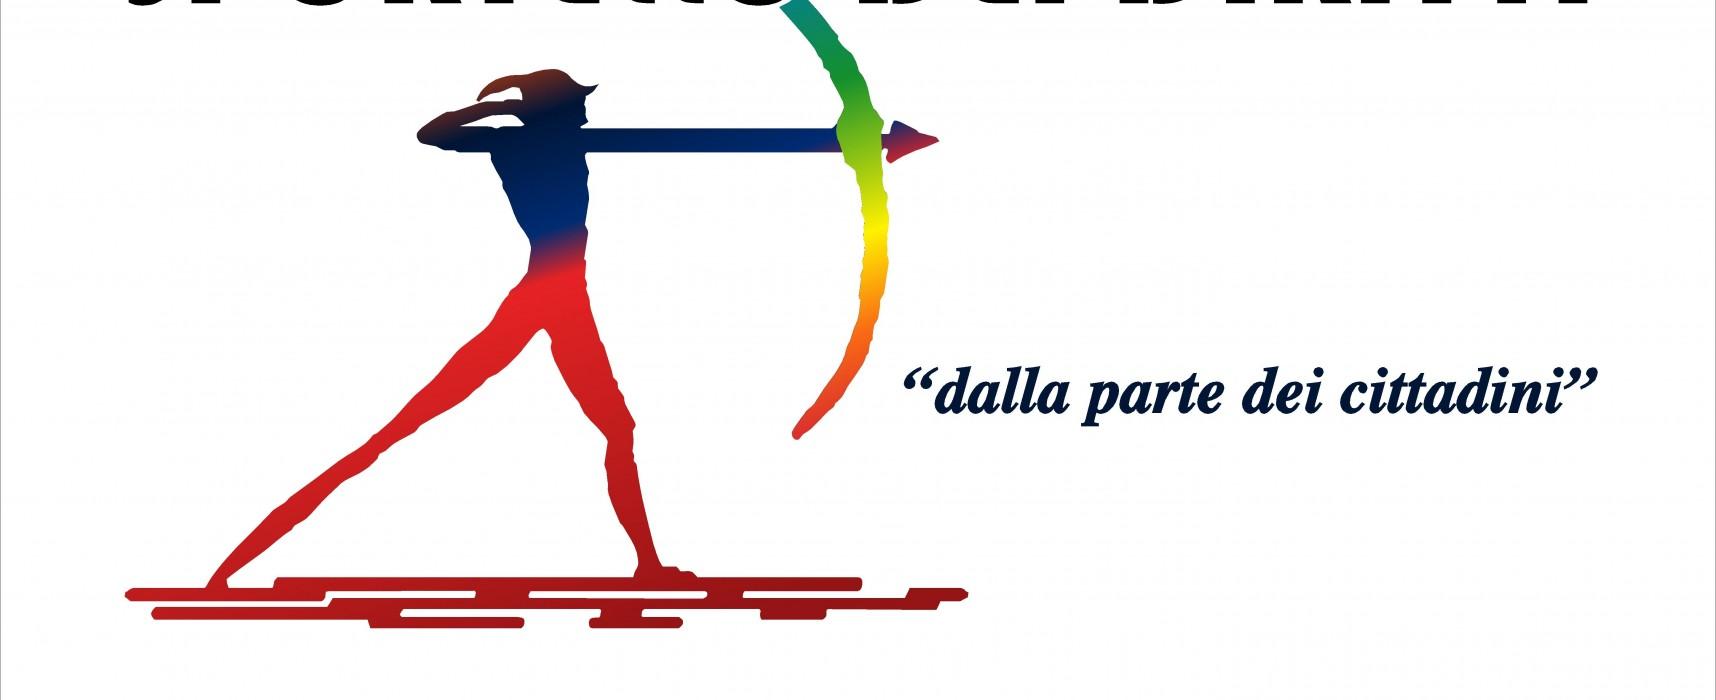 Sportello dei diritti e legalità in sostegno alle vittime dell'usura